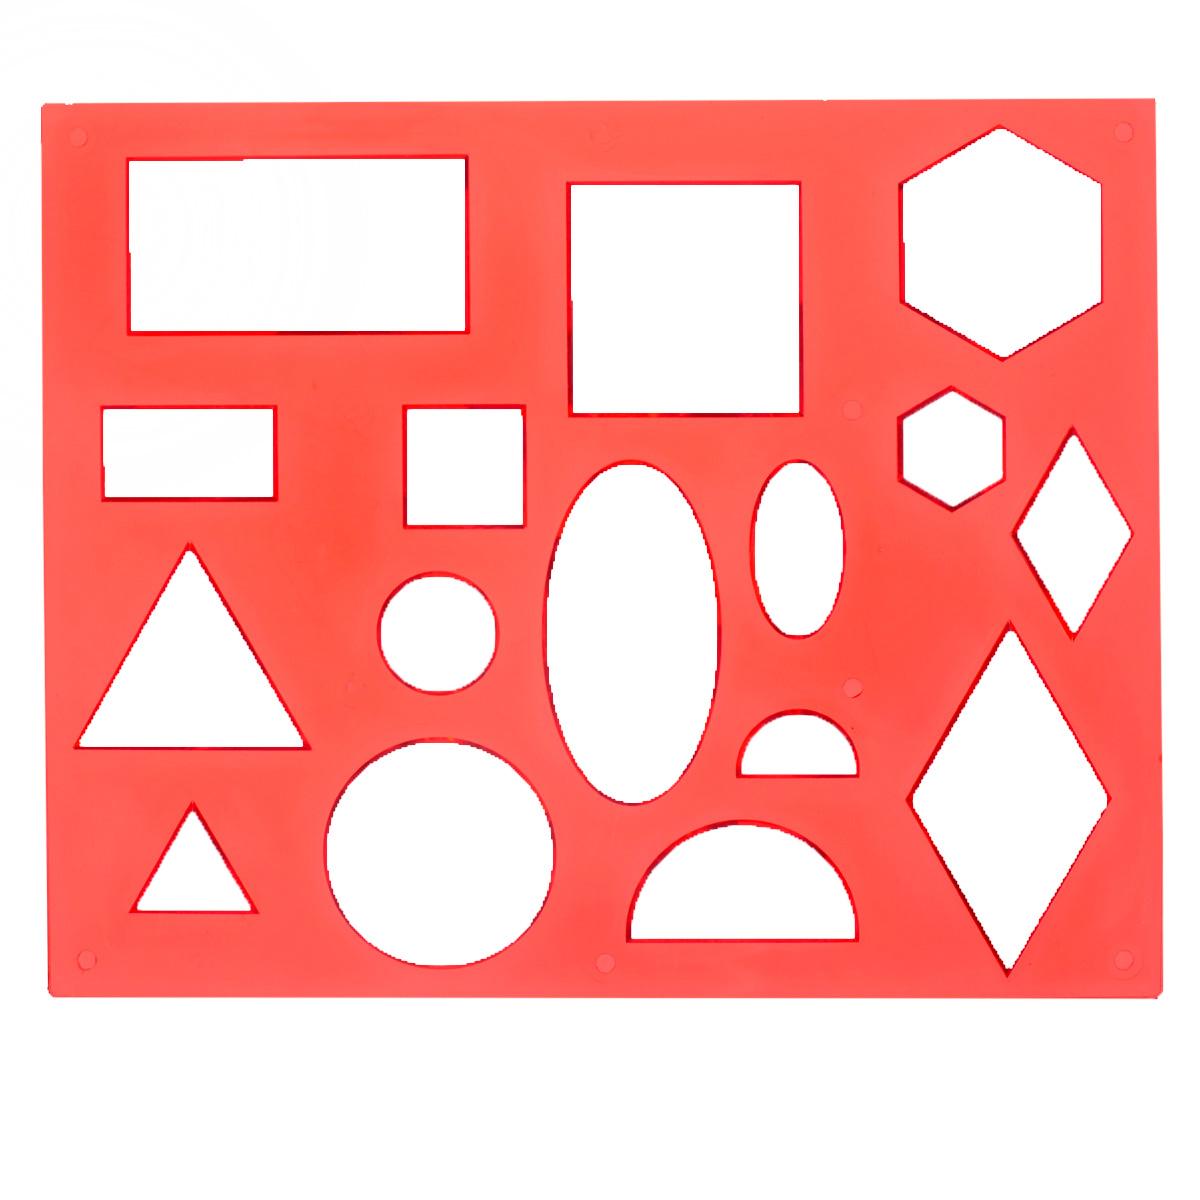 Трафарет Луч Геометрические фигуры № 1, цвет: красный12С 836-08Трафарет Геометрические фигуры № 1, изготовленный из безопасного пластика, предназначен для удобного и быстрого изображения геометрических фигур и их комбинаций, а также для создания аппликаций. В трафарете вырезаны такие фигуры, как: круг, овал, полукруг, ромб, квадрат, прямоугольник и шестиугольник, которые встречаются дважды в разных размерах. Трафарет позволяет ребенку выучить названия и вид различных фигур, одновременно развивая мелкую моторику и навыки рисования, а также может применяться для оформительских работ.